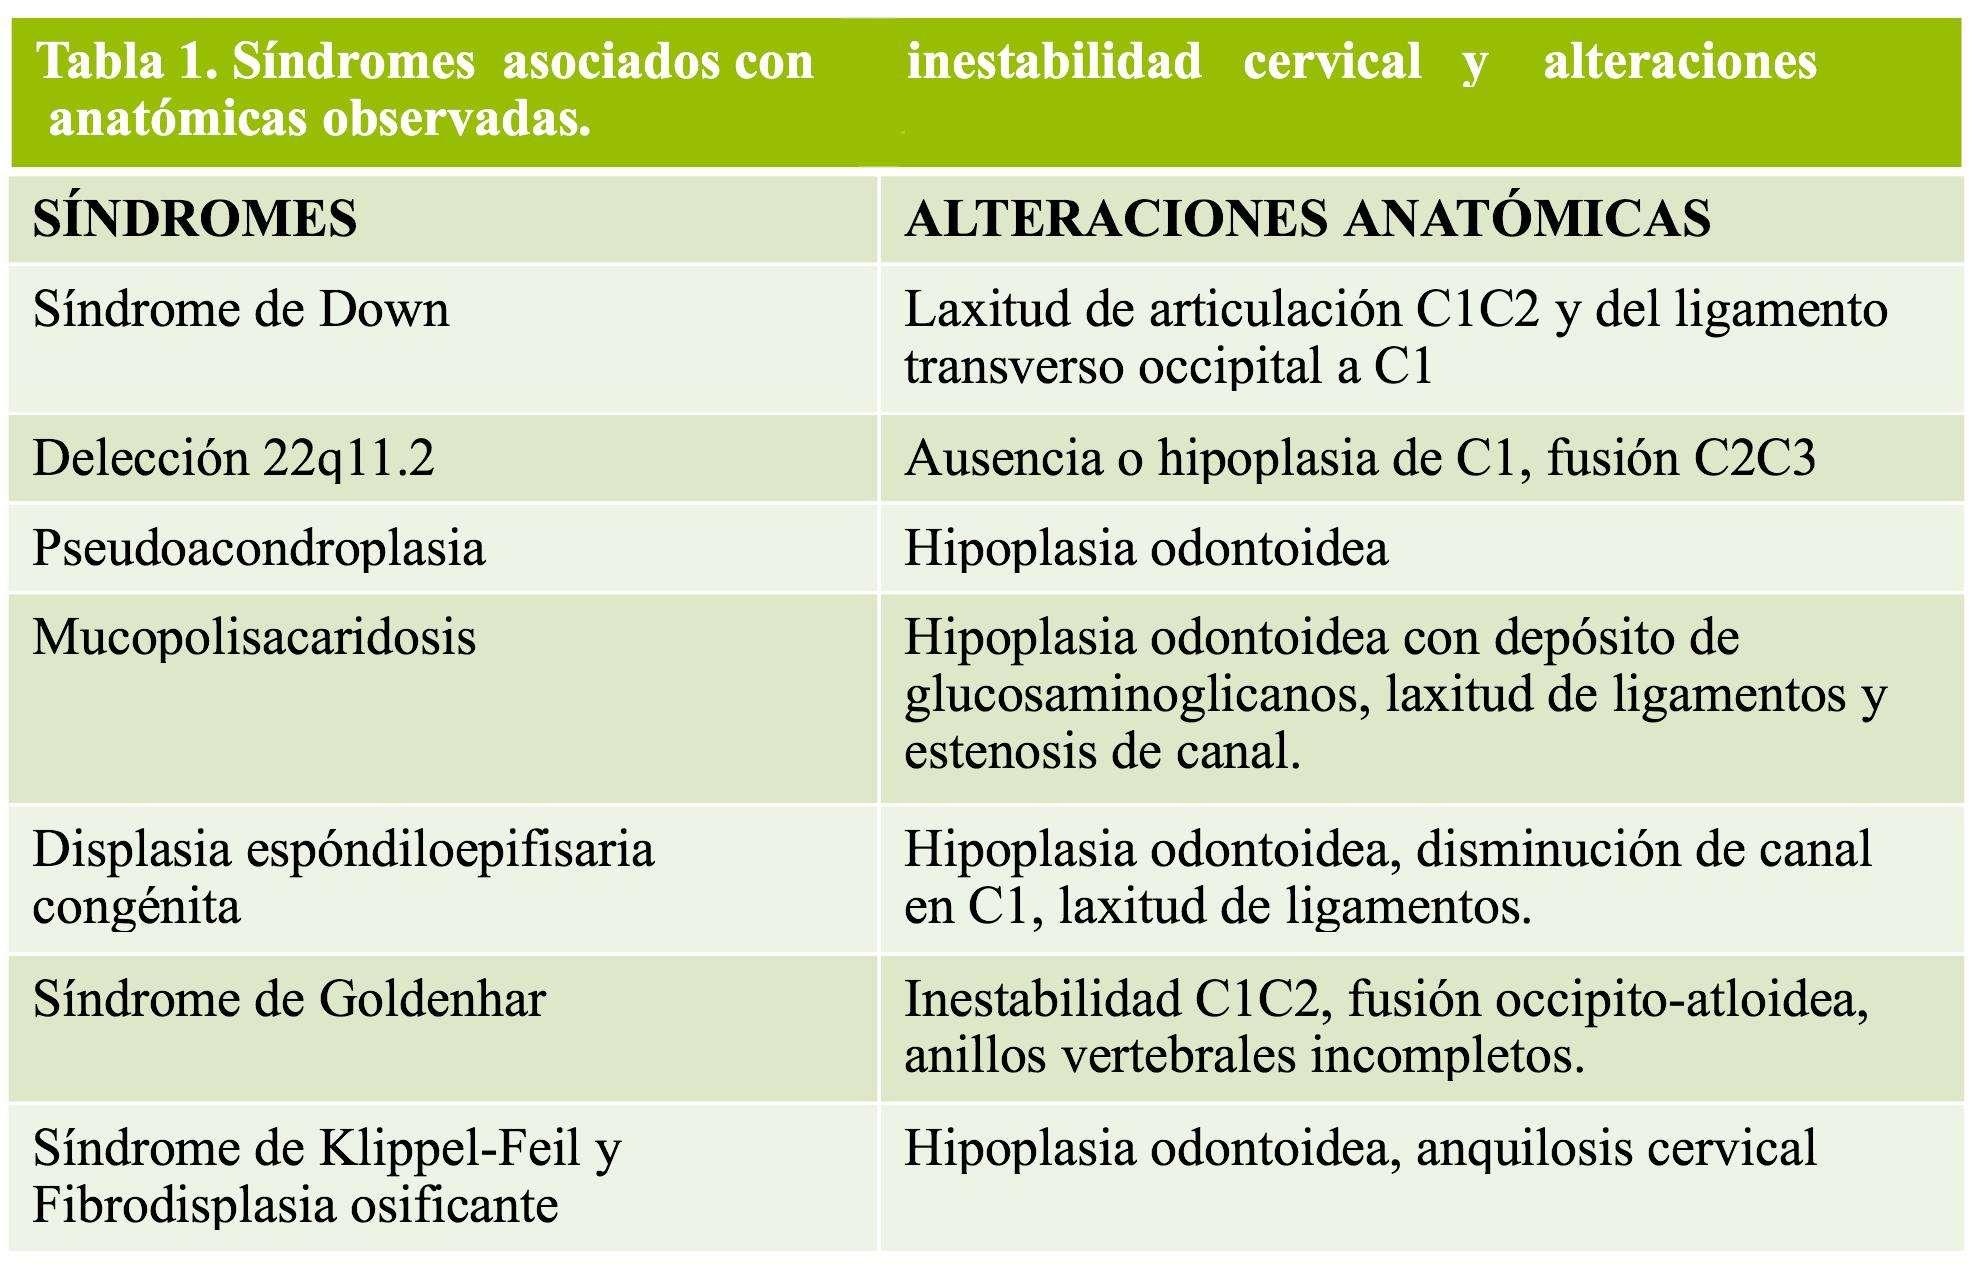 Tabla 1 - sdrs. asociados con inestabilidad cervical